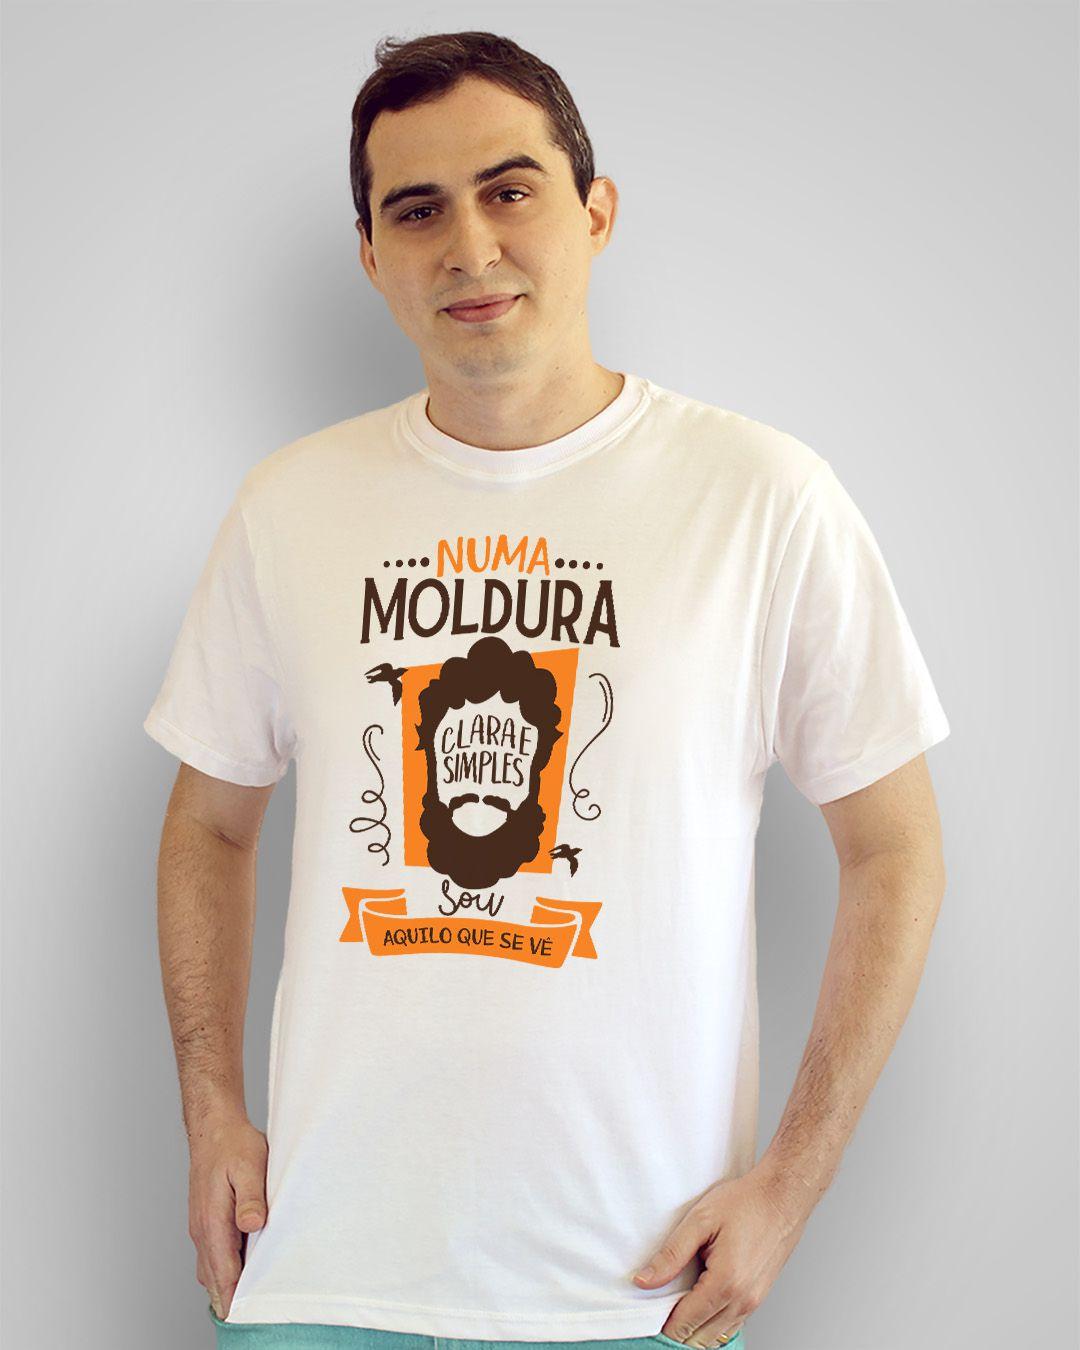 Camiseta Numa moldura clara e simples, sou aquilo que se vê - Los Hermanos